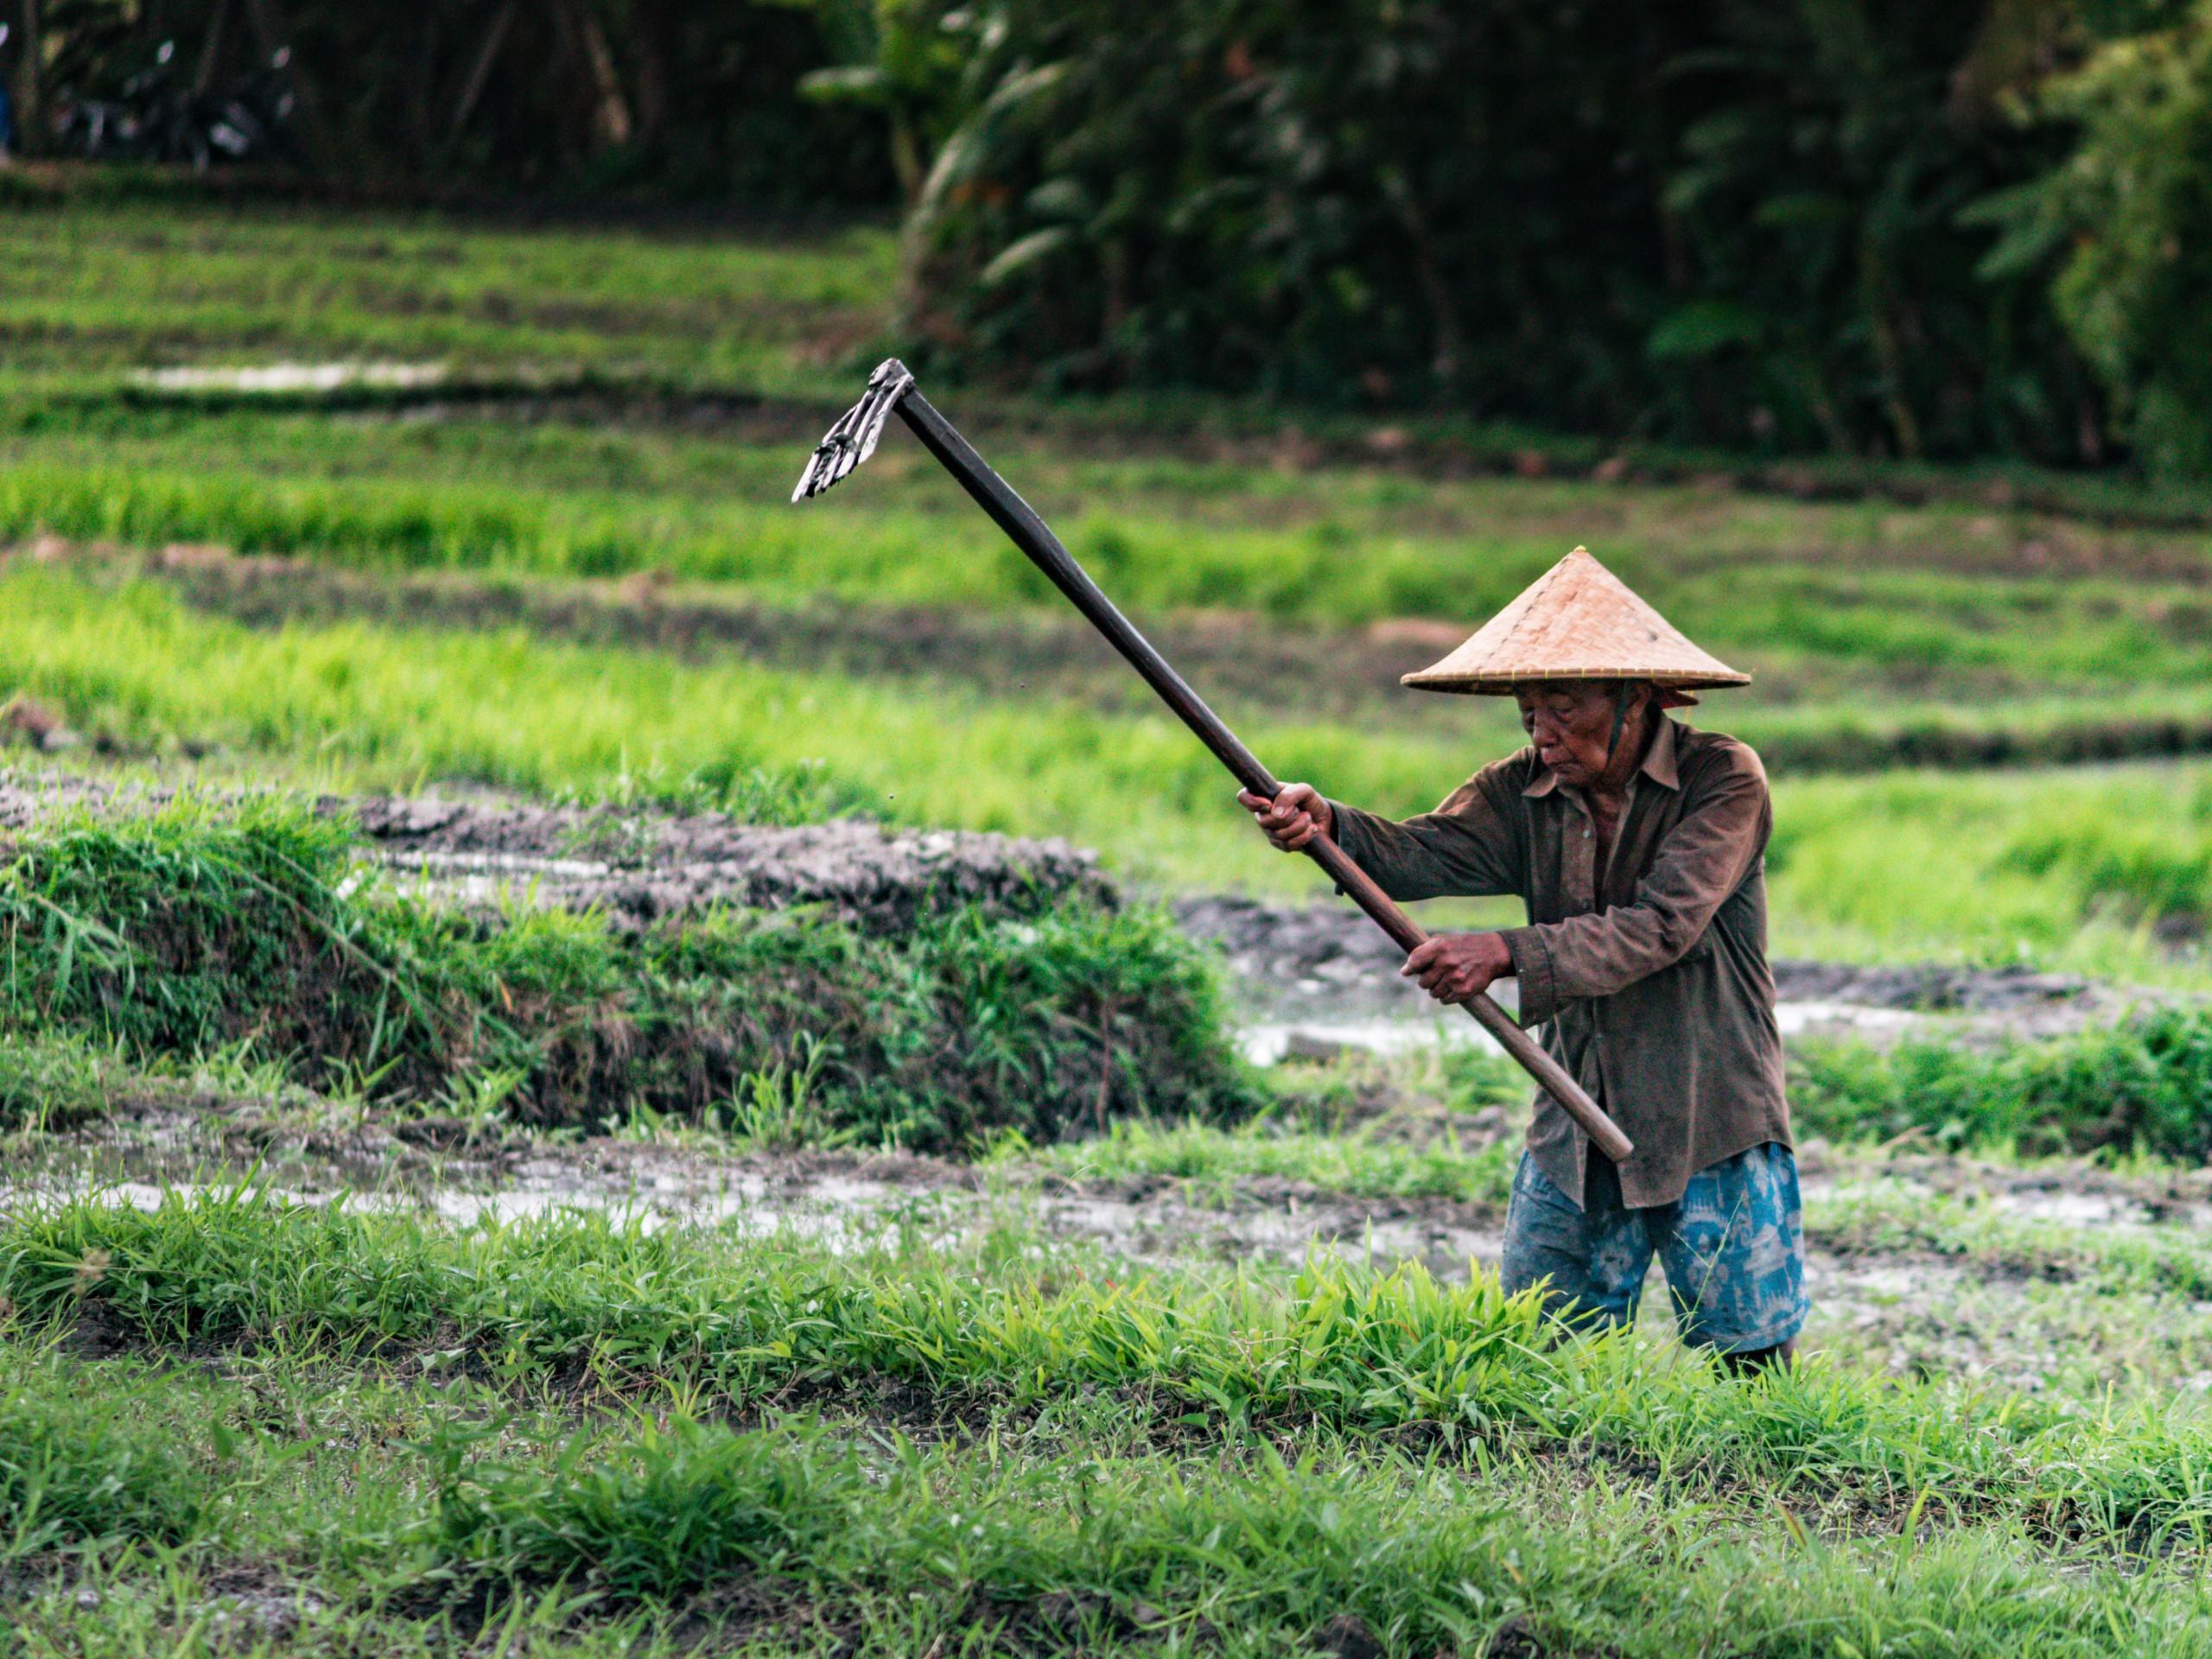 Gardening in field